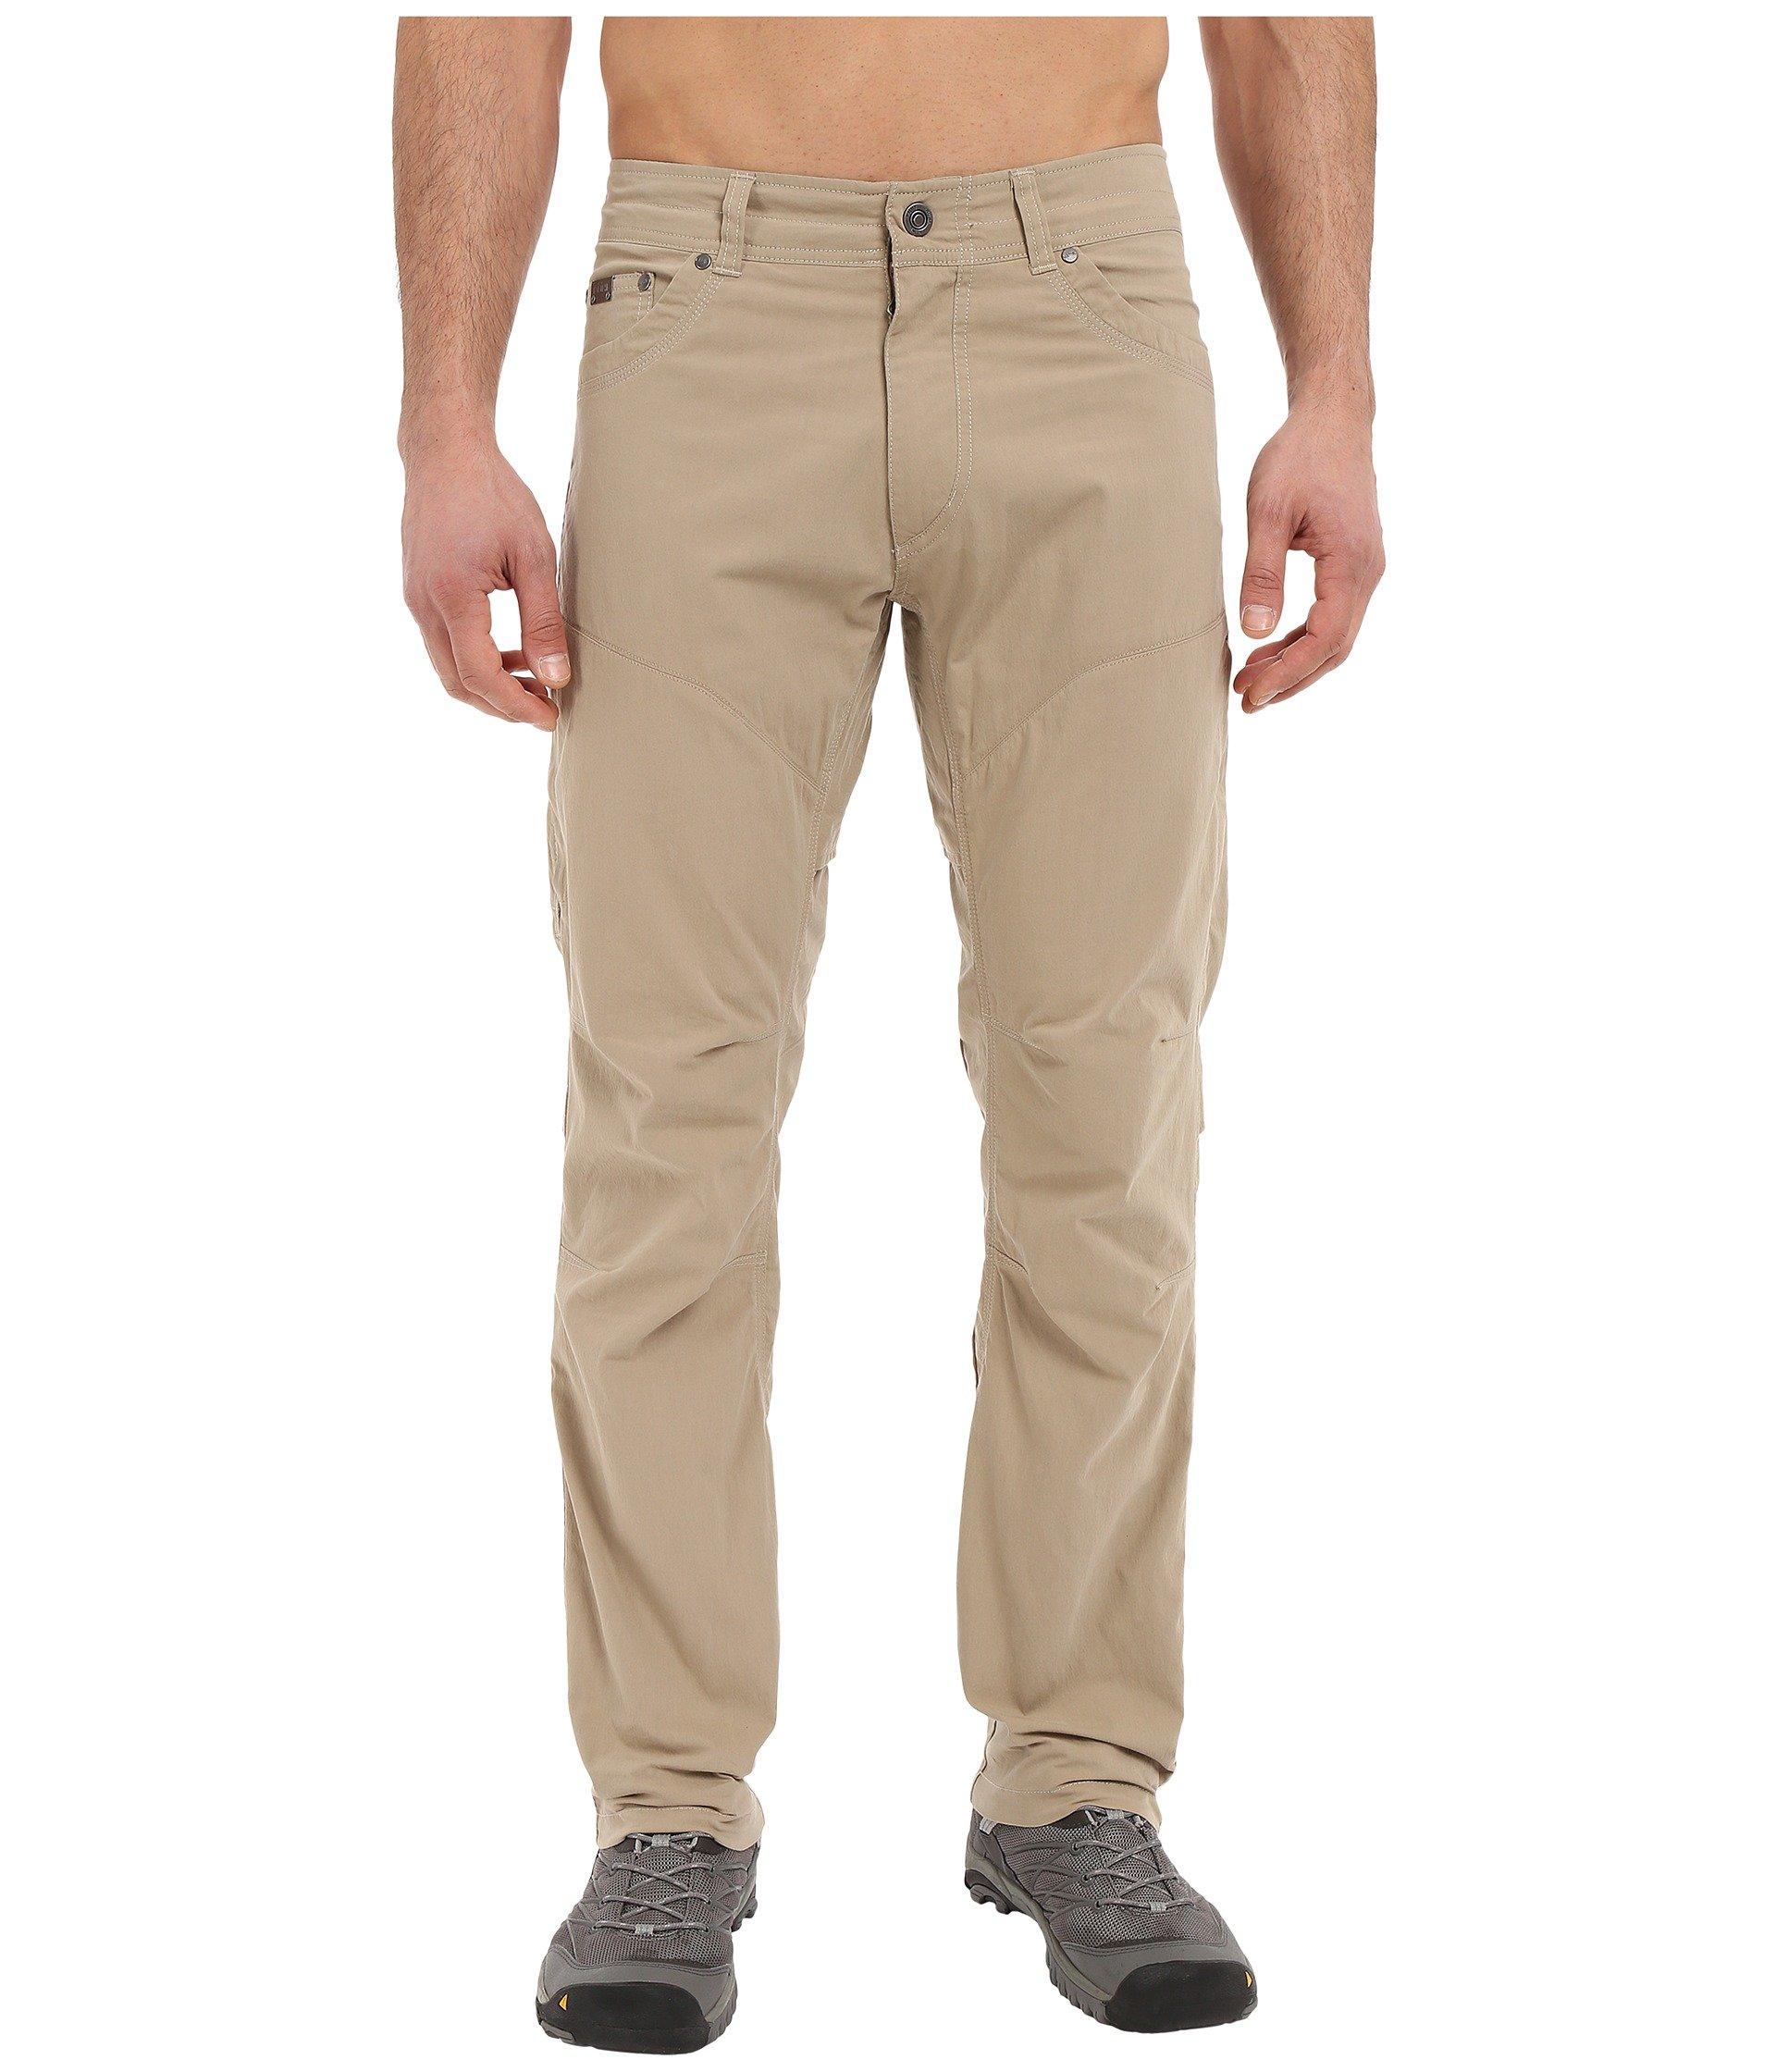 Desert Kuhl Pants Konfidant Khaki Air™ SBrqRfwB